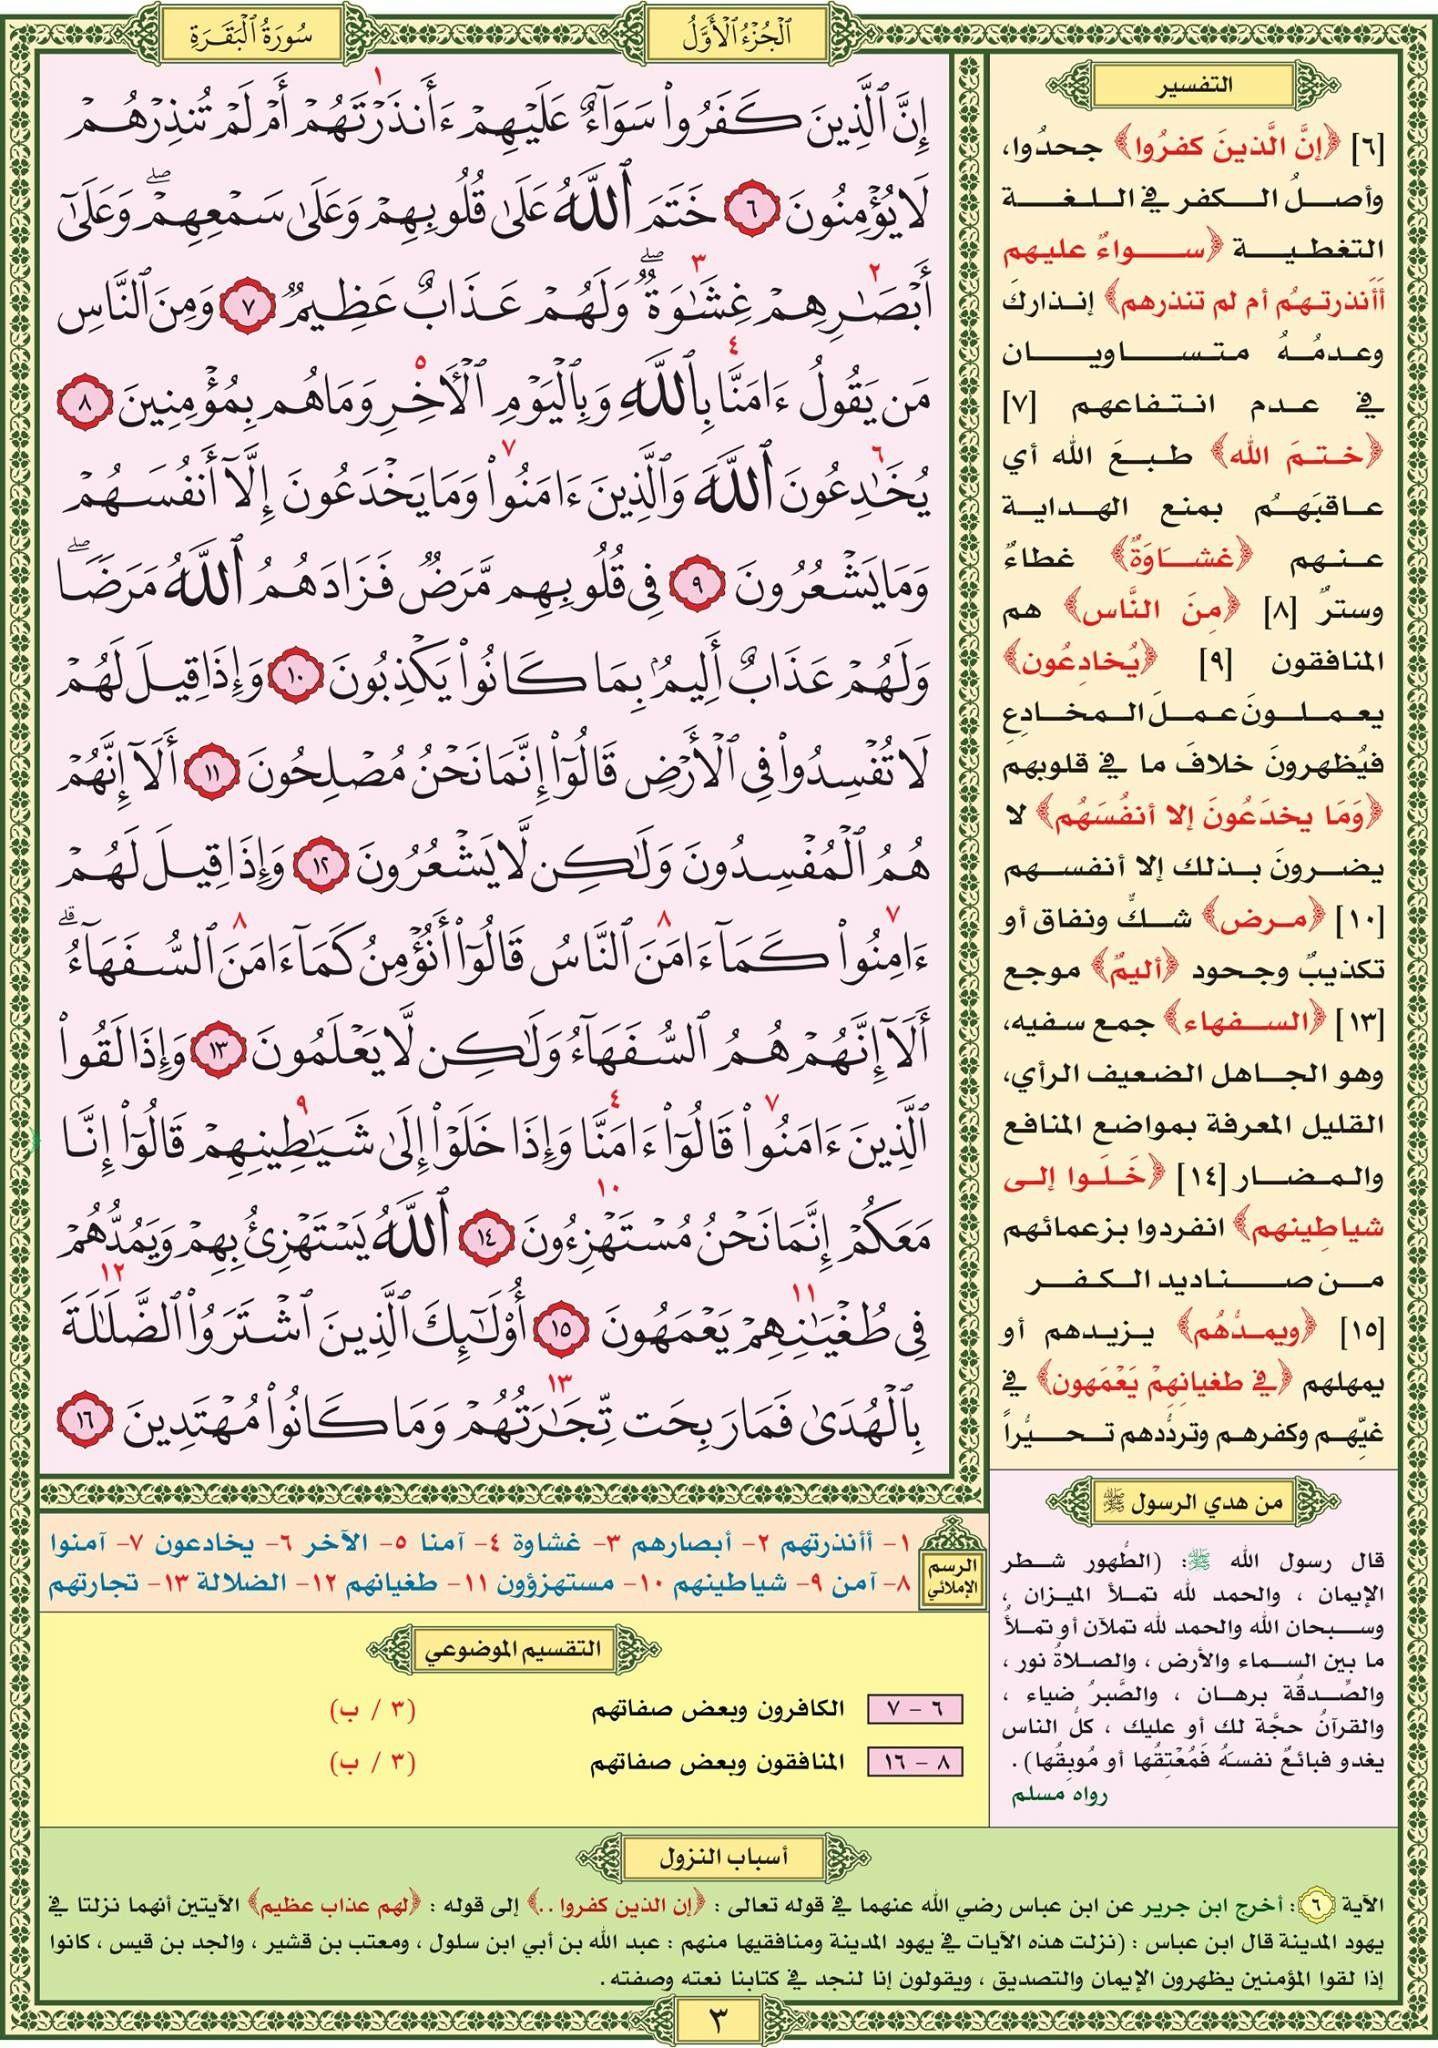 سورة البقرة صفحة رقم ٣ مصحف التقسيم الموضوعي للحافظ المتقن Quran Verses Noble Quran Verses